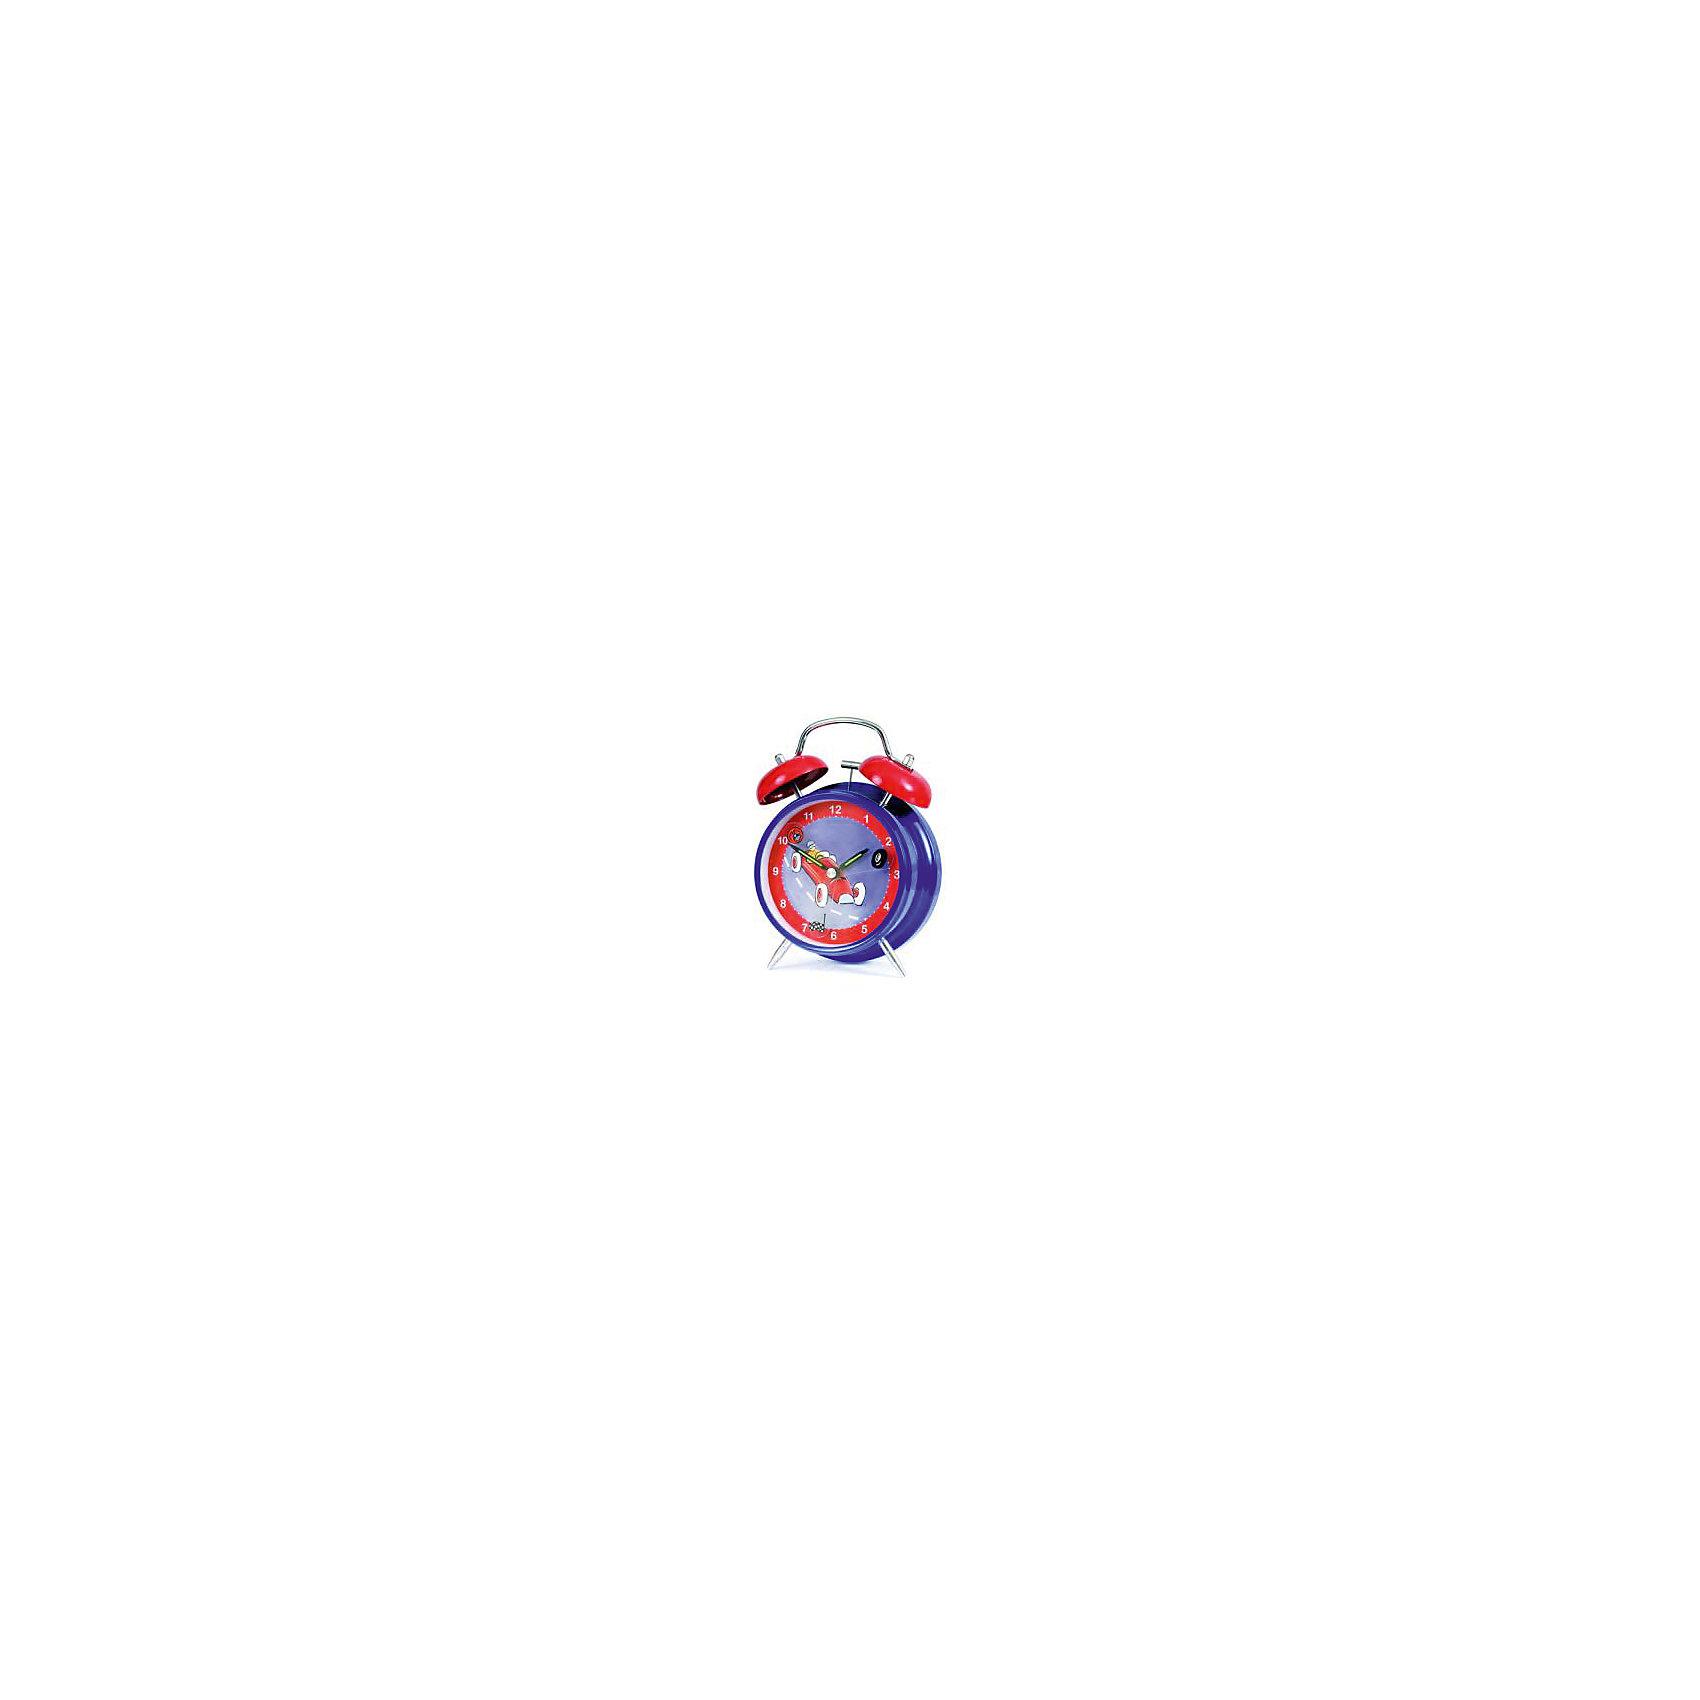 Часы-будильник Гоночные машинки, Egmont ToysПредметы интерьера<br>Часы-будильник Гоночные машинки, Egmont<br><br>Характеристики:<br><br>• Цвет: синий, красный<br>• Диаметр будильника: 12 см<br>• Возраст: от 3 лет<br>• Материал: металл, пластик<br>• Батарейки: AA / LR6 1.5V (пальчиковые)<br><br>Красивый будильник станет отличным помощником для малыша. С таким будильником просыпаться в детский садик или школу будет интересно и весело. Часы не тикают, так как имеют встроенный бесшумный механизм, который способствует комфортному сну. Будильник изготовлен из качественного материала и безопасен для ребенка.<br><br>Часы-будильник Гоночные машинки, Egmont можно купить в нашем интернет-магазине.<br><br>Ширина мм: 120<br>Глубина мм: 120<br>Высота мм: 120<br>Вес г: 300<br>Возраст от месяцев: 36<br>Возраст до месяцев: 1188<br>Пол: Мужской<br>Возраст: Детский<br>SKU: 5163414